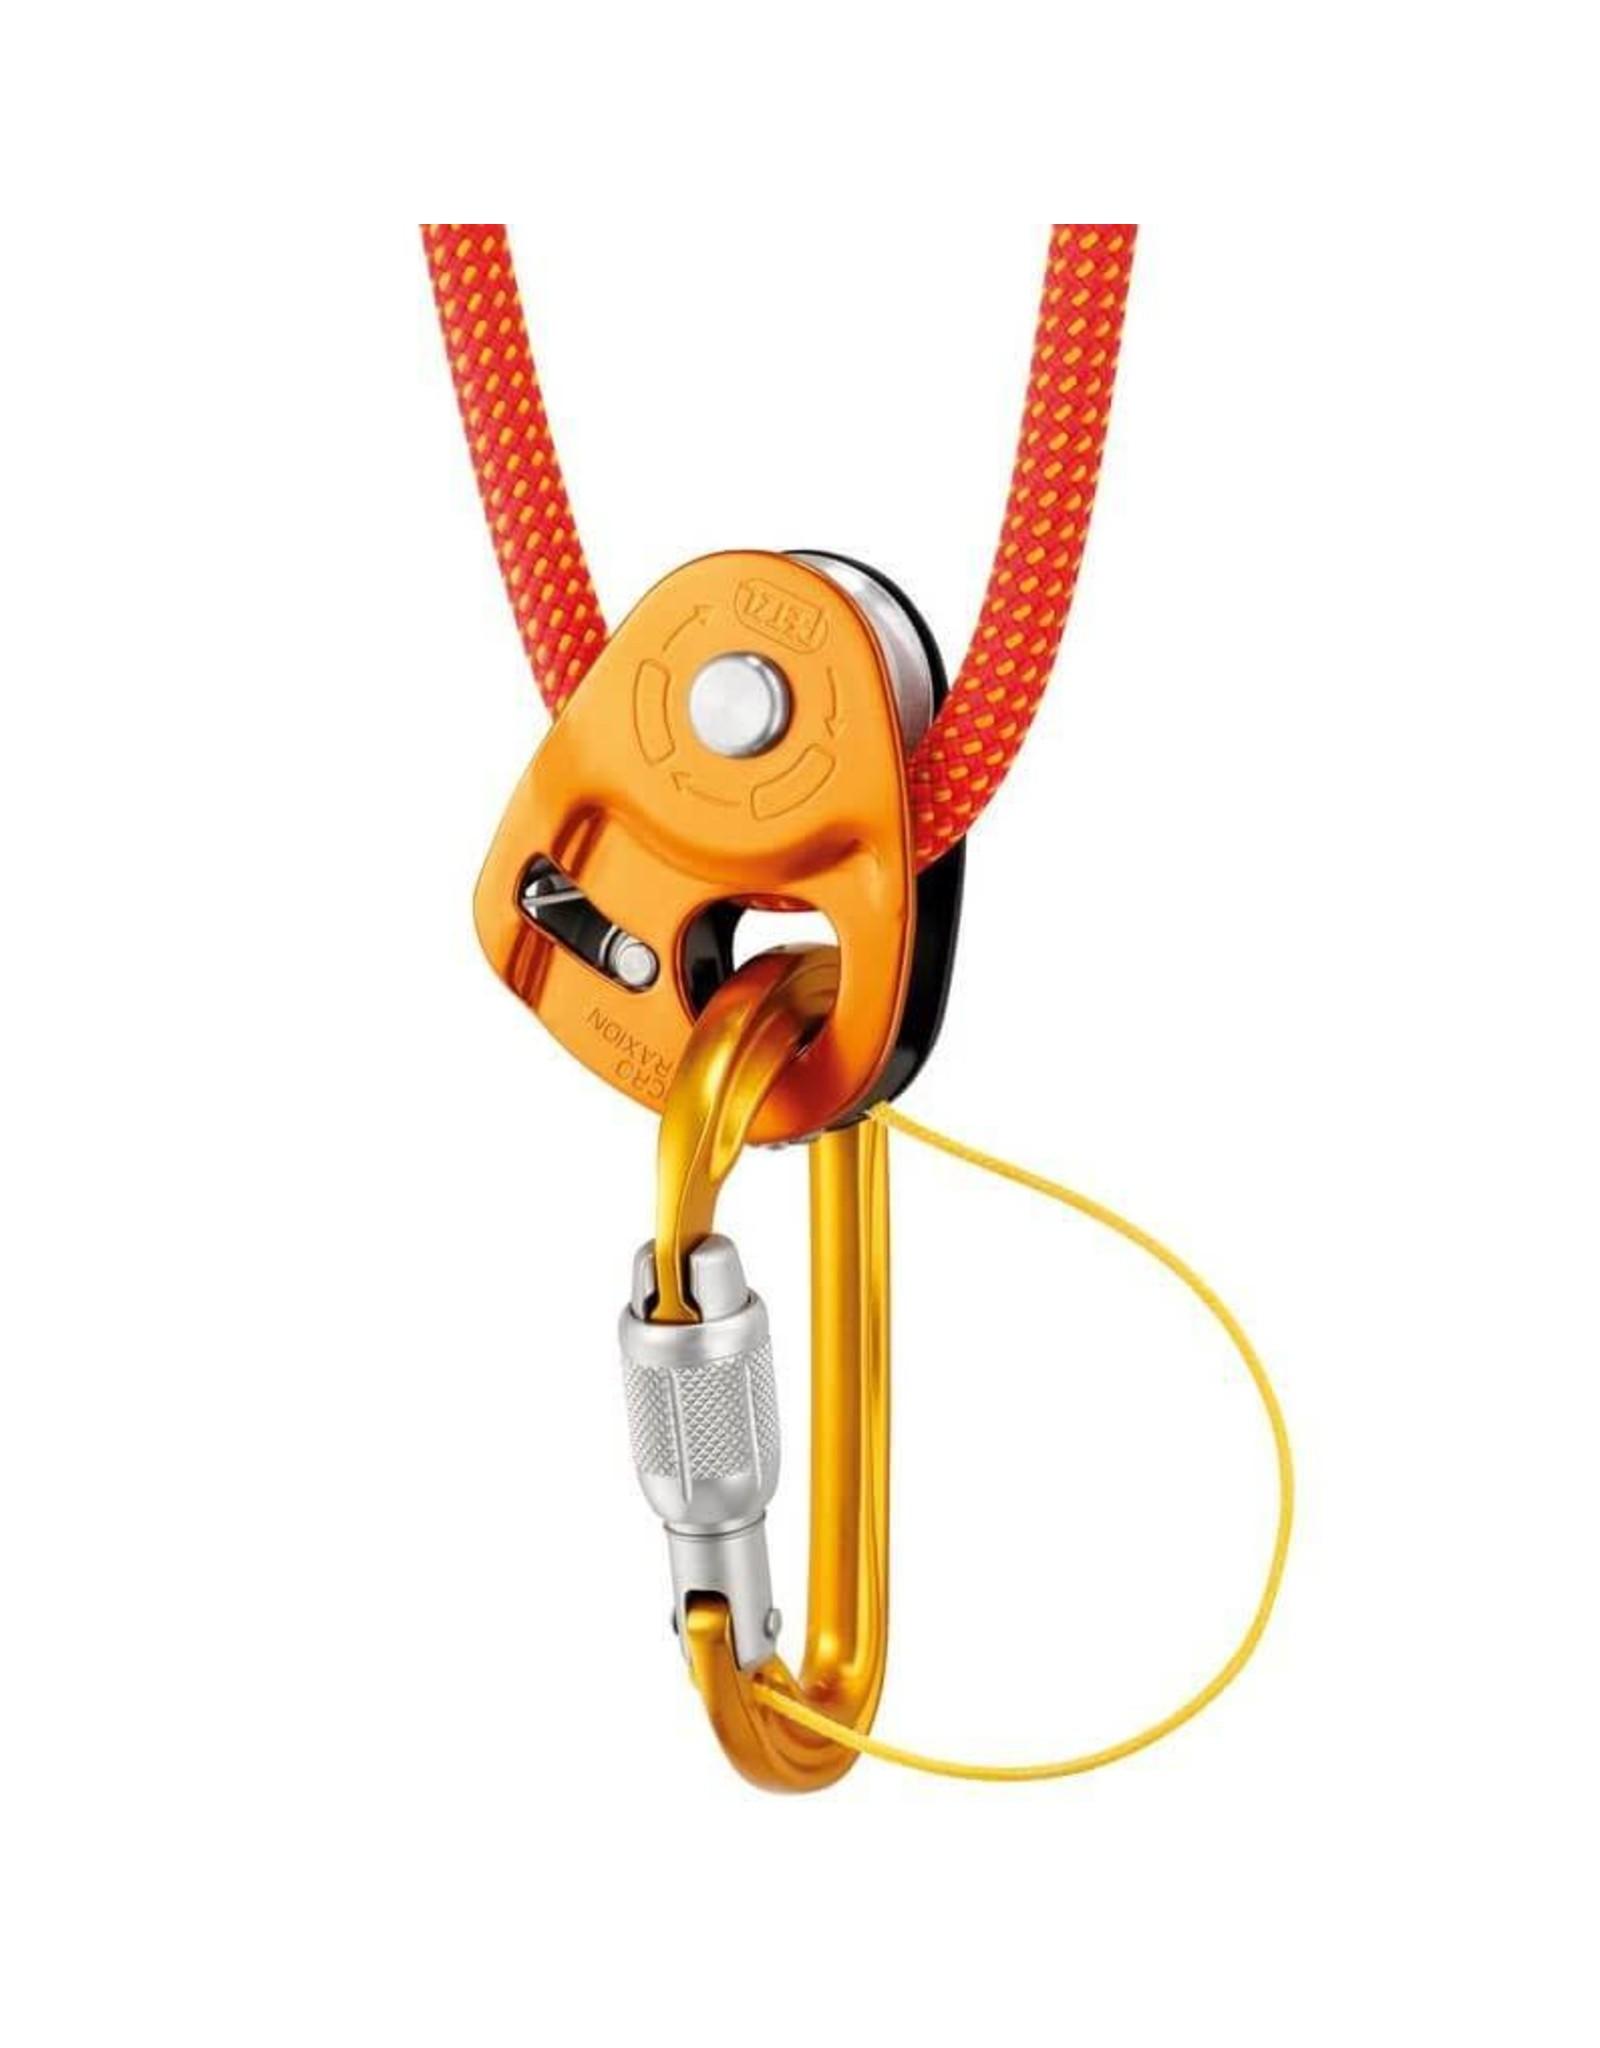 Petzl Petzl Sm'D Screw Lock Carabiner